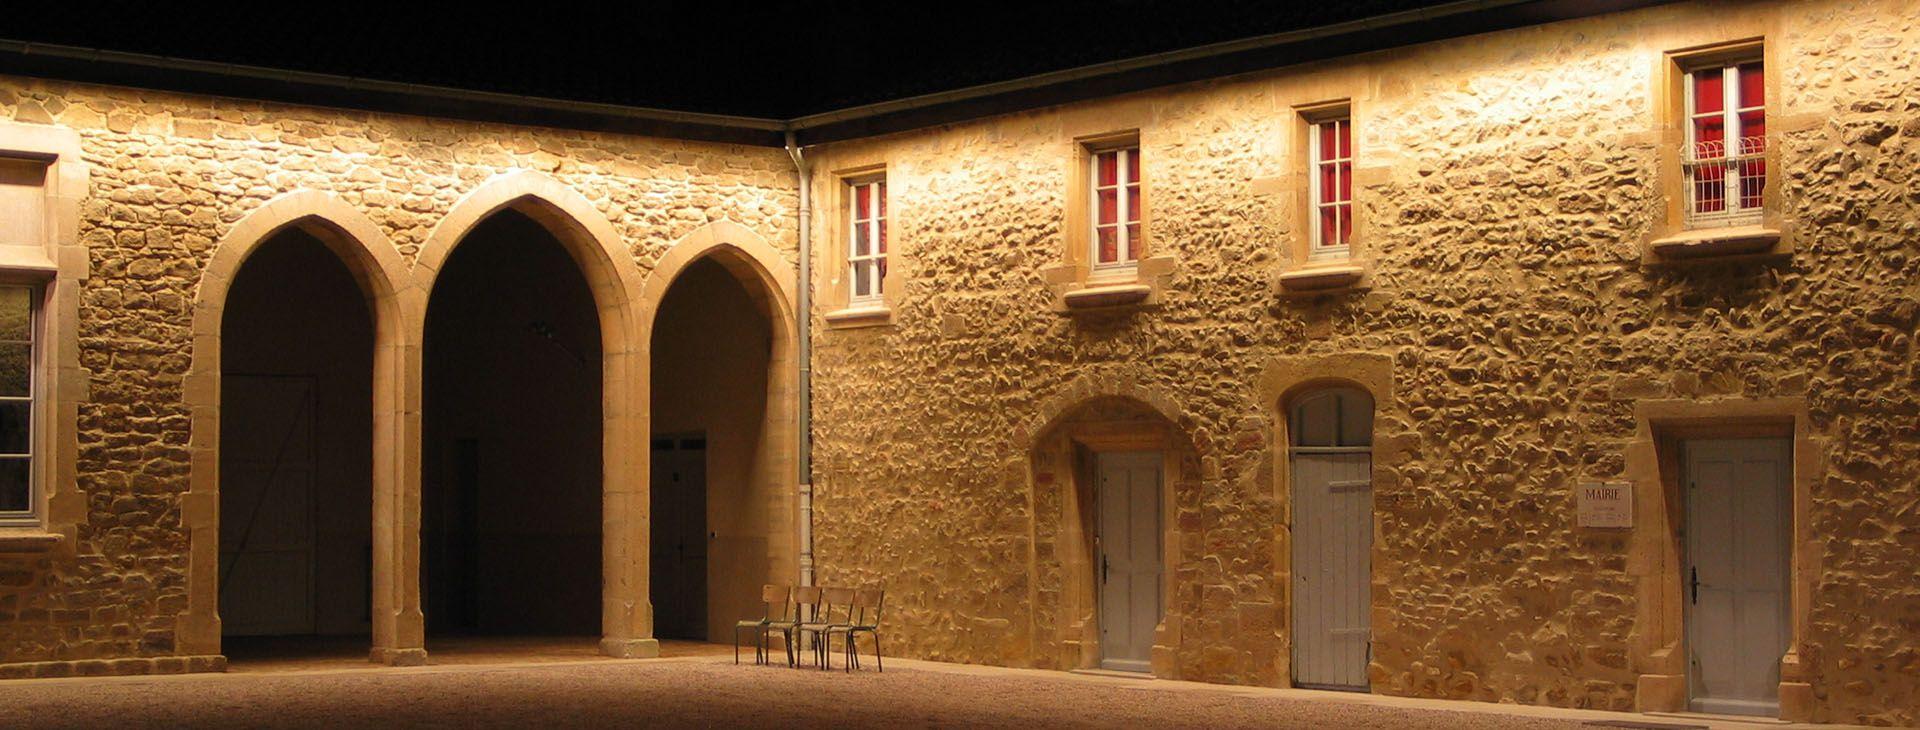 Montseveroux castle Illuminazione facciate, Progetti di